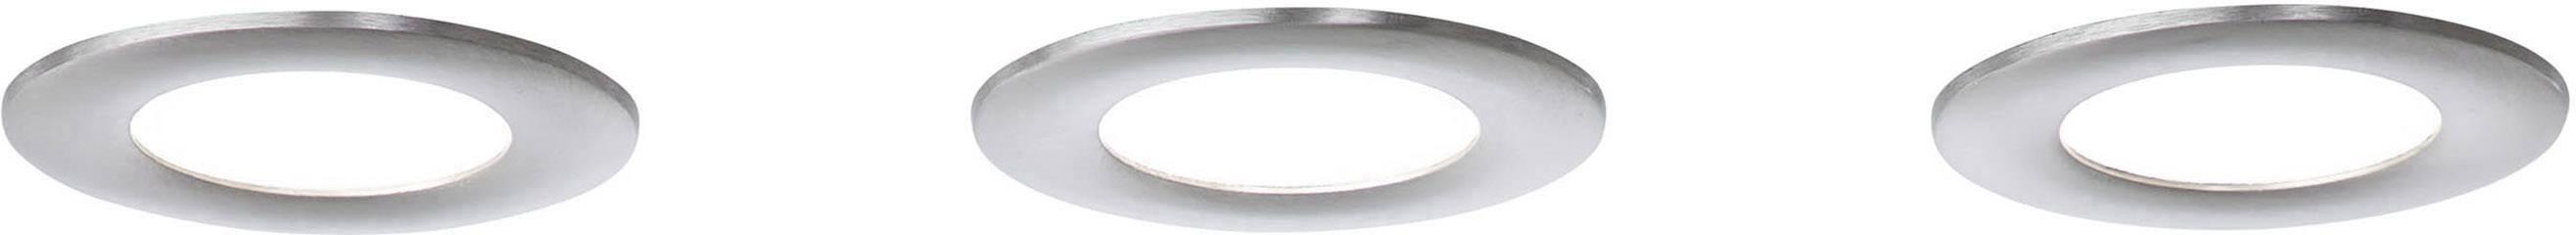 Sada LED osvětlení do koupelny Brilliant WiZ Tanel, pevně vestavěné LED, 15 W, RGBW